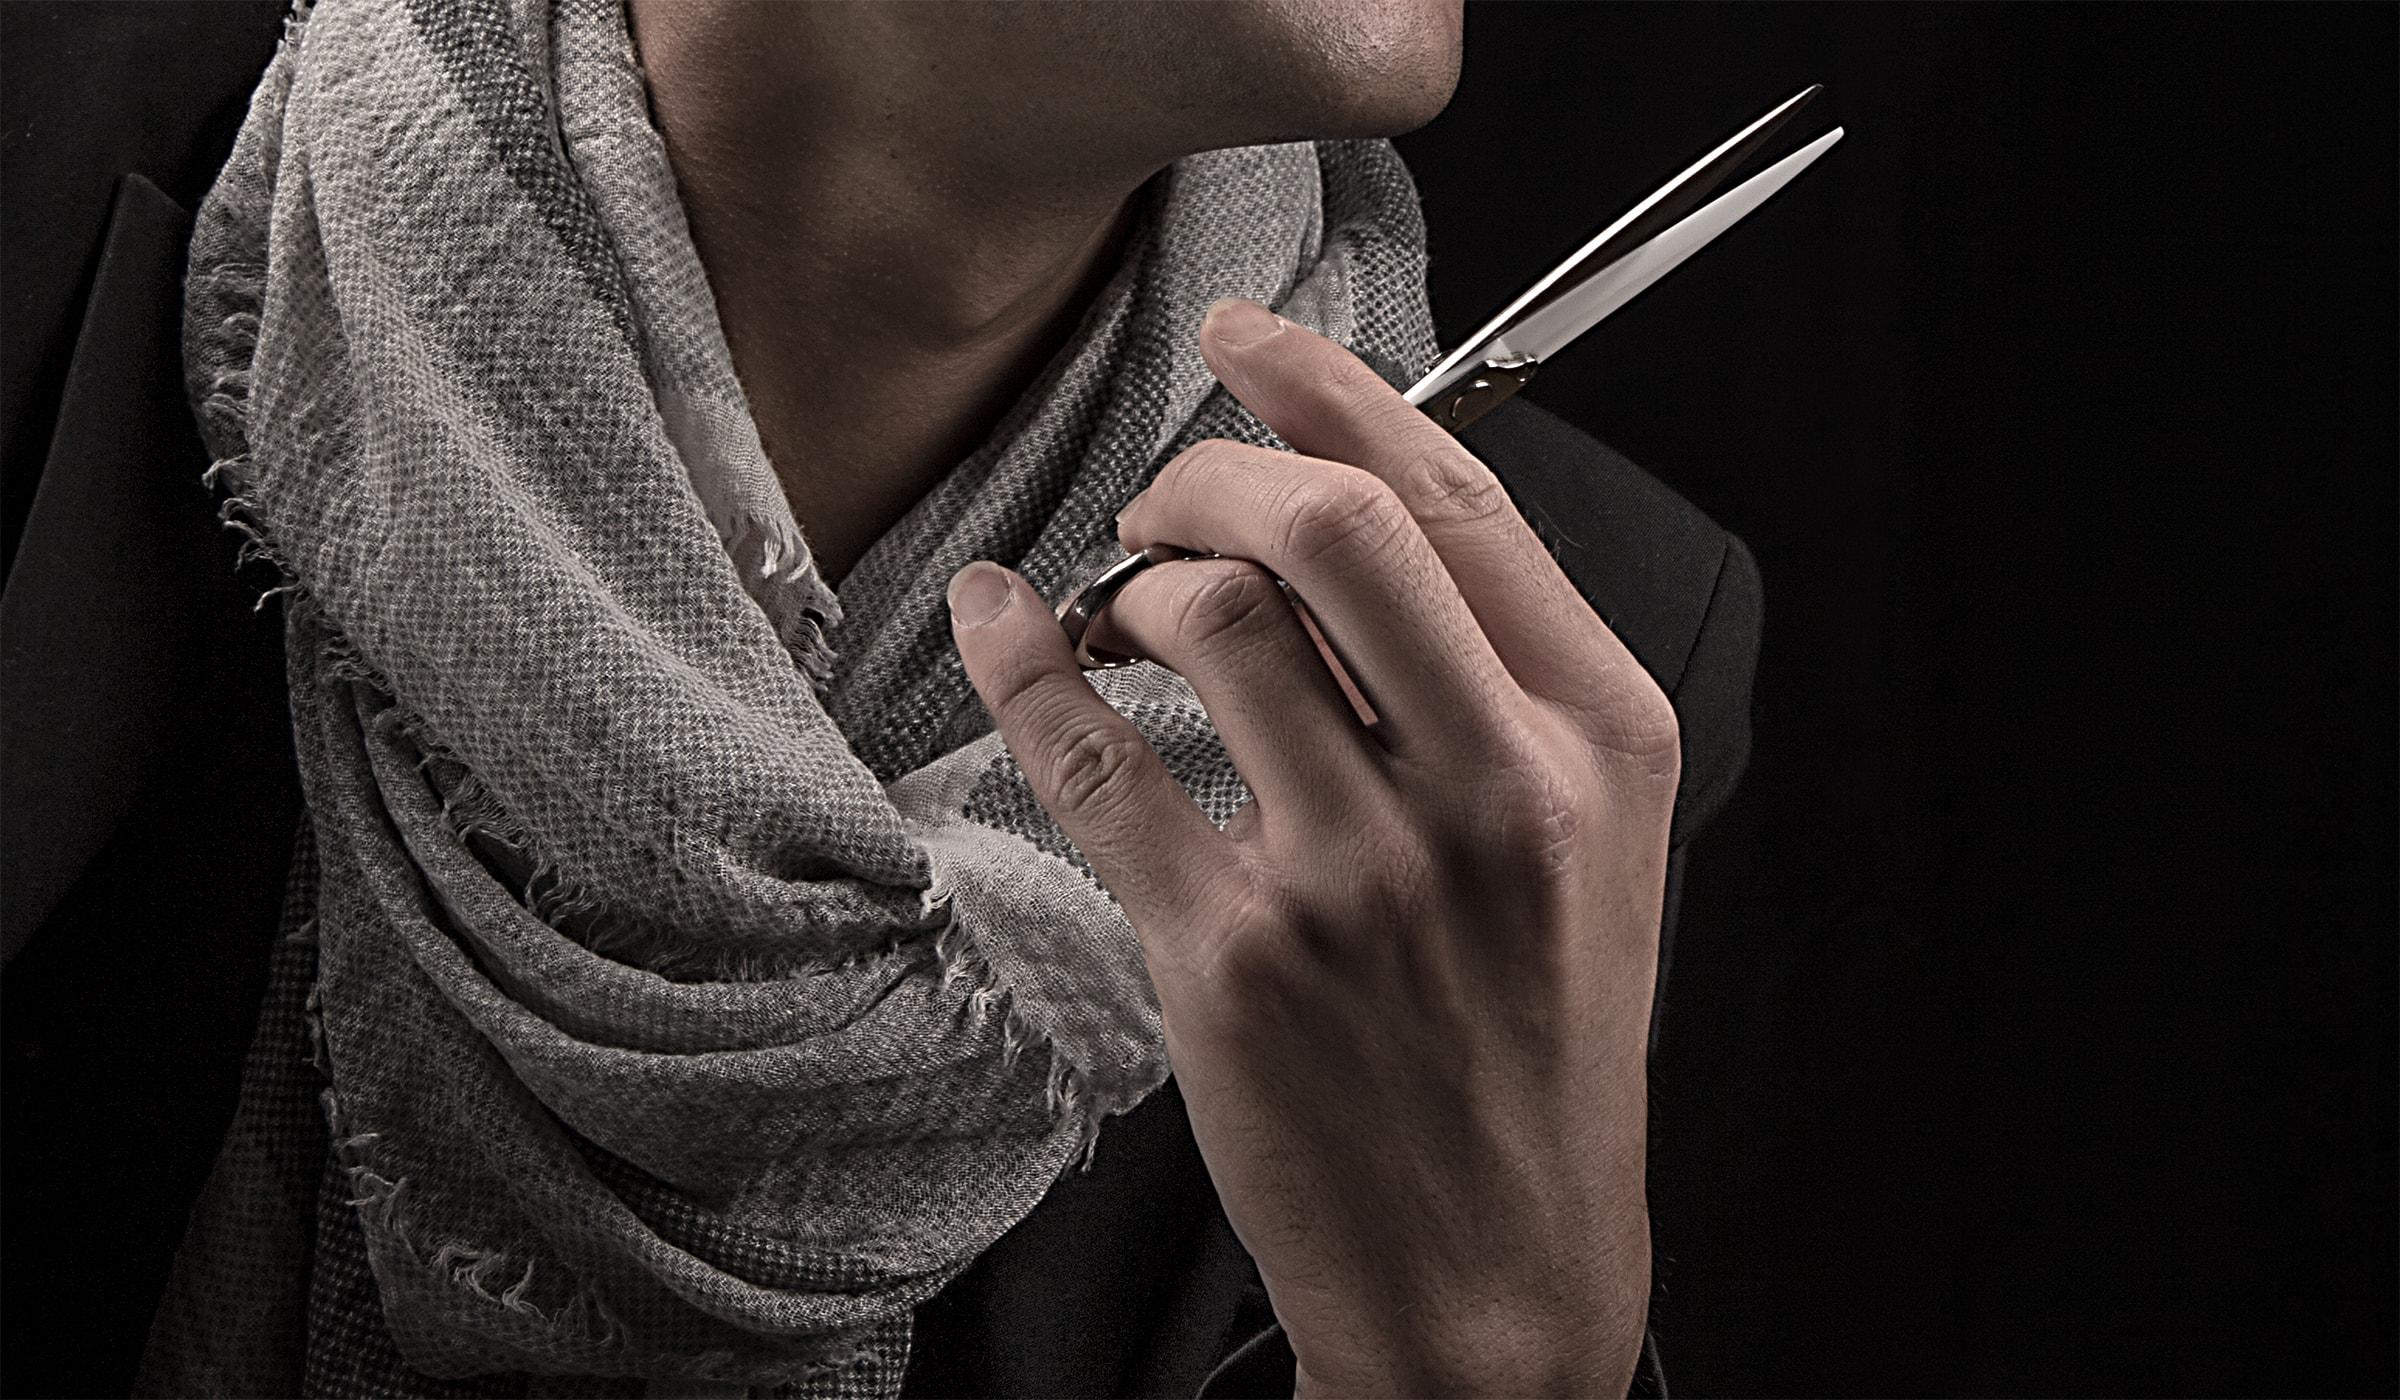 Businessportraits innerhalb der Corporate Fotografie für einen Stylisten aus Hermeskeil. Businessfotografie als Teil des Werbeauftritts, erstellt und entwickelt durch die Werbeagentur mieker - Konzept Design Strategie. Anwendung als Teaser innerhalb der Webseite. Regionen: Hermeskeil, Saarbrücken, Saarlouis, Trier